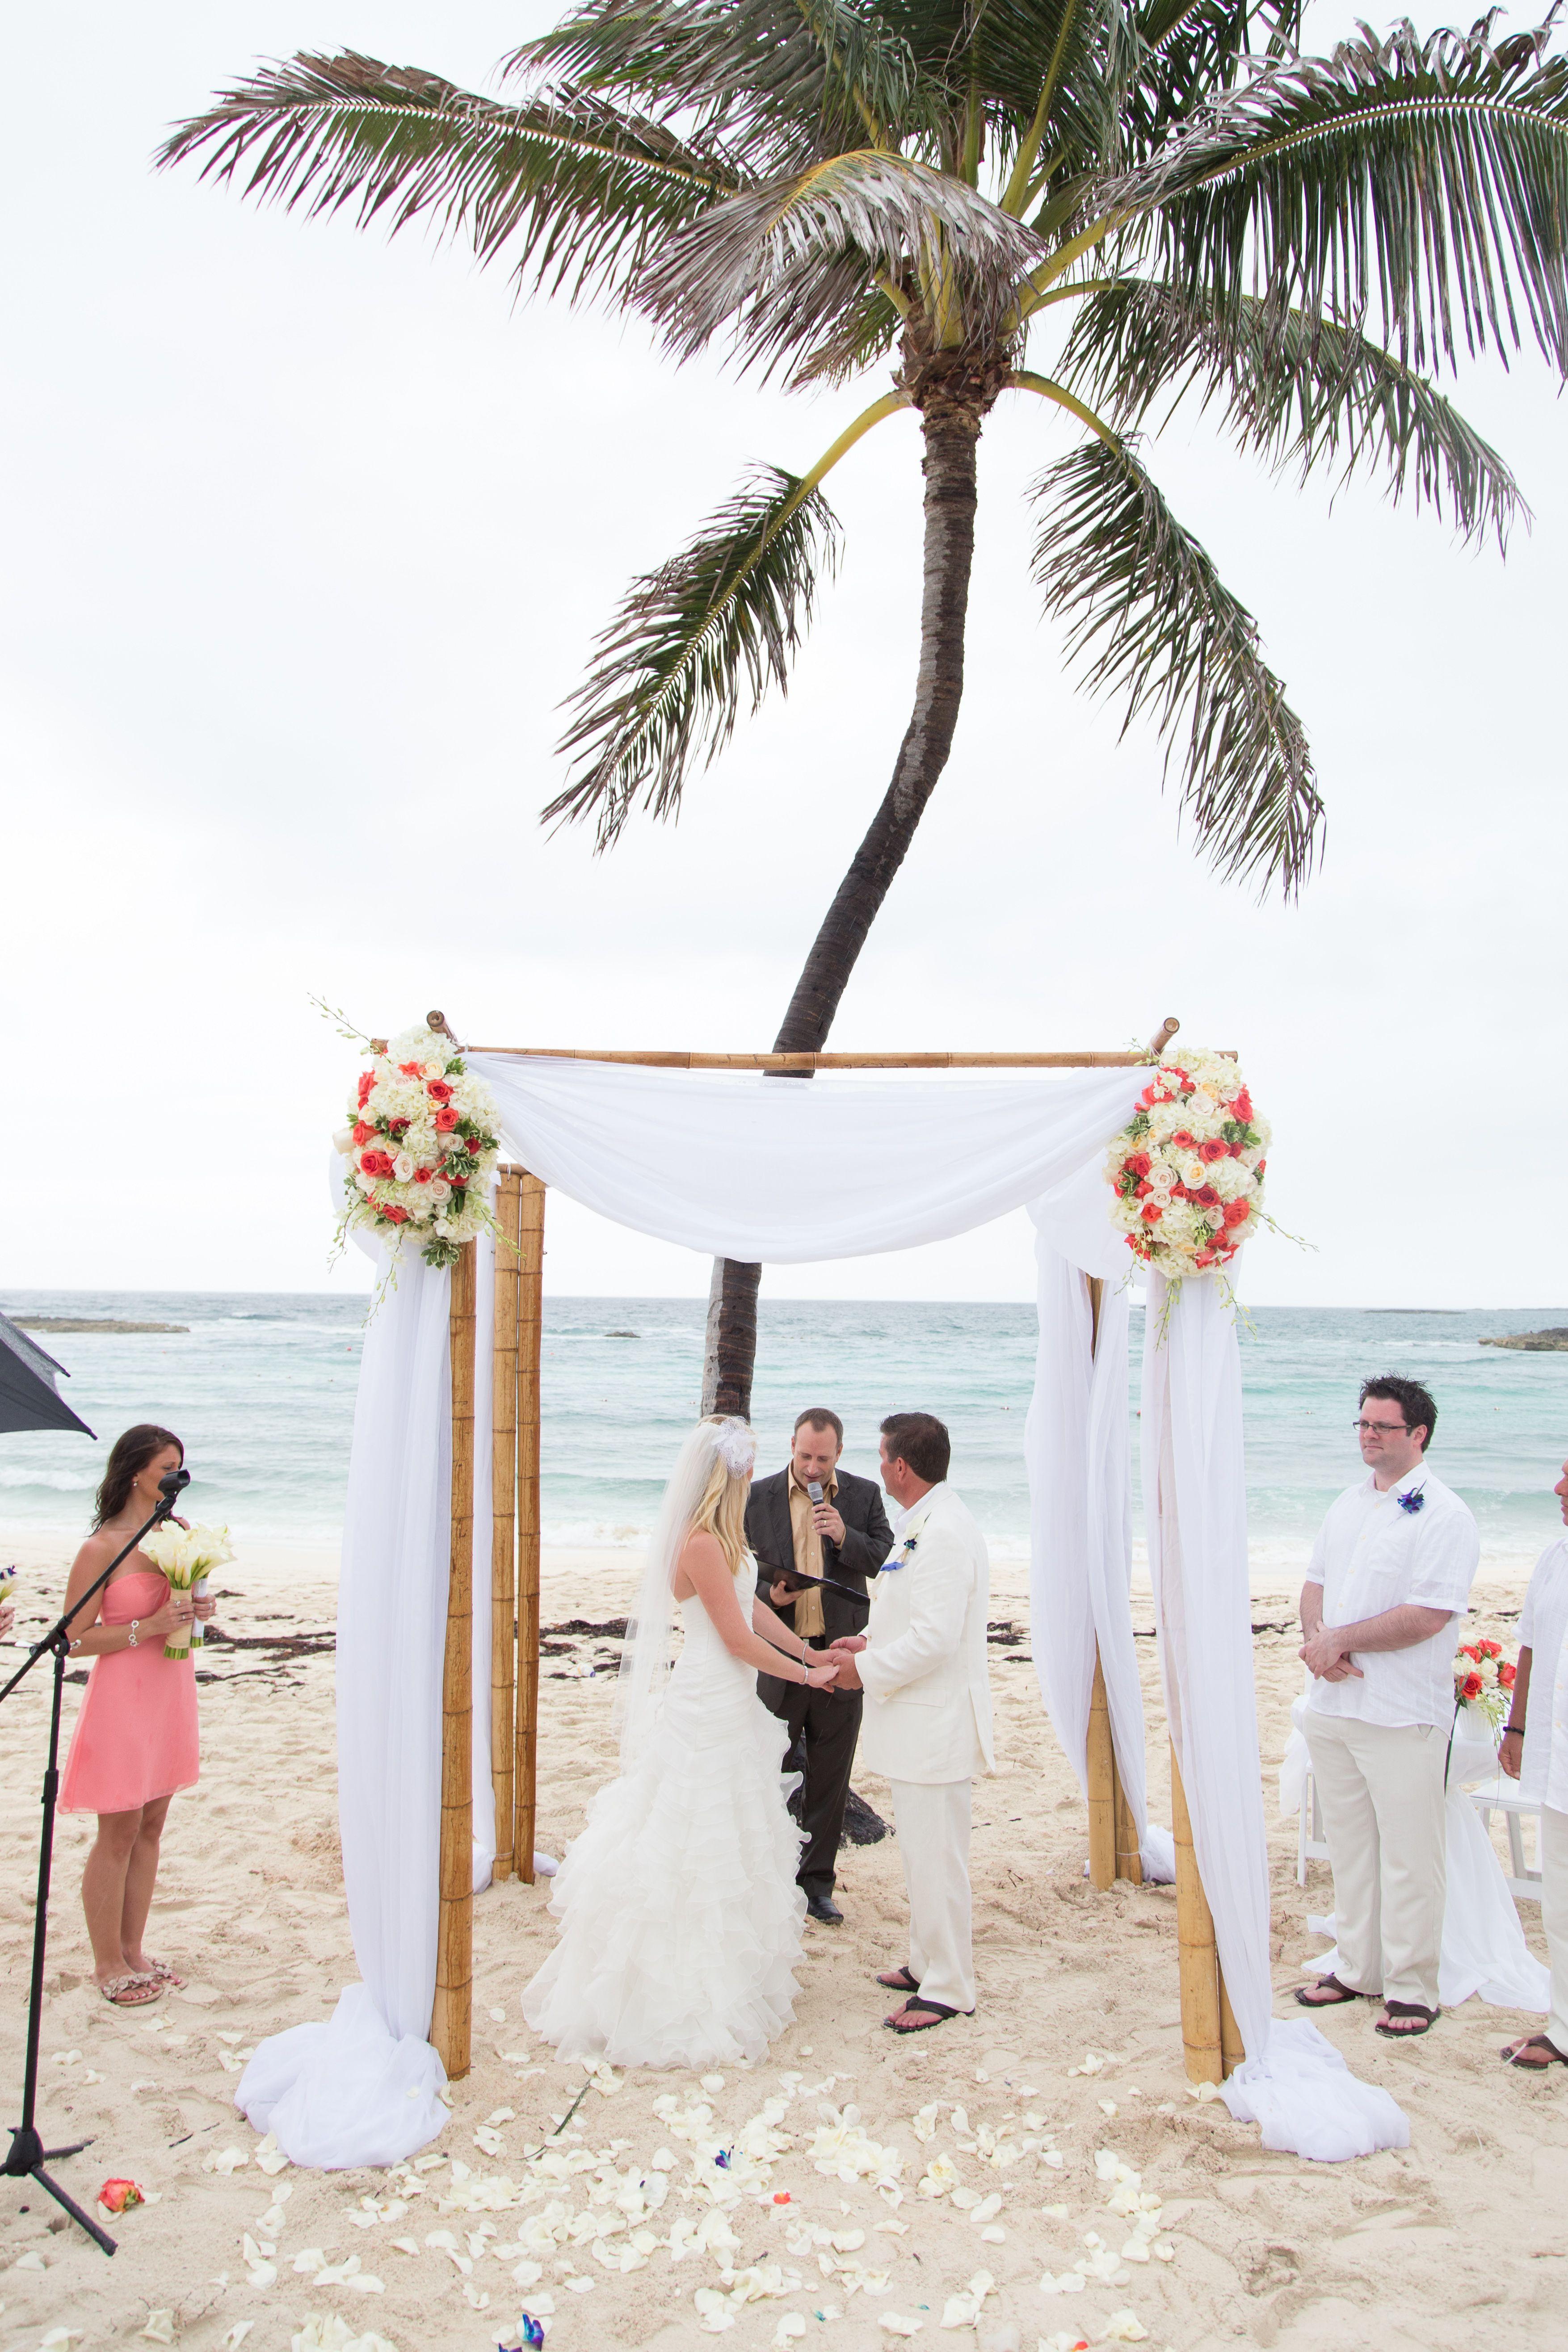 Palm Point wedding ceremony atlantisresort Reception